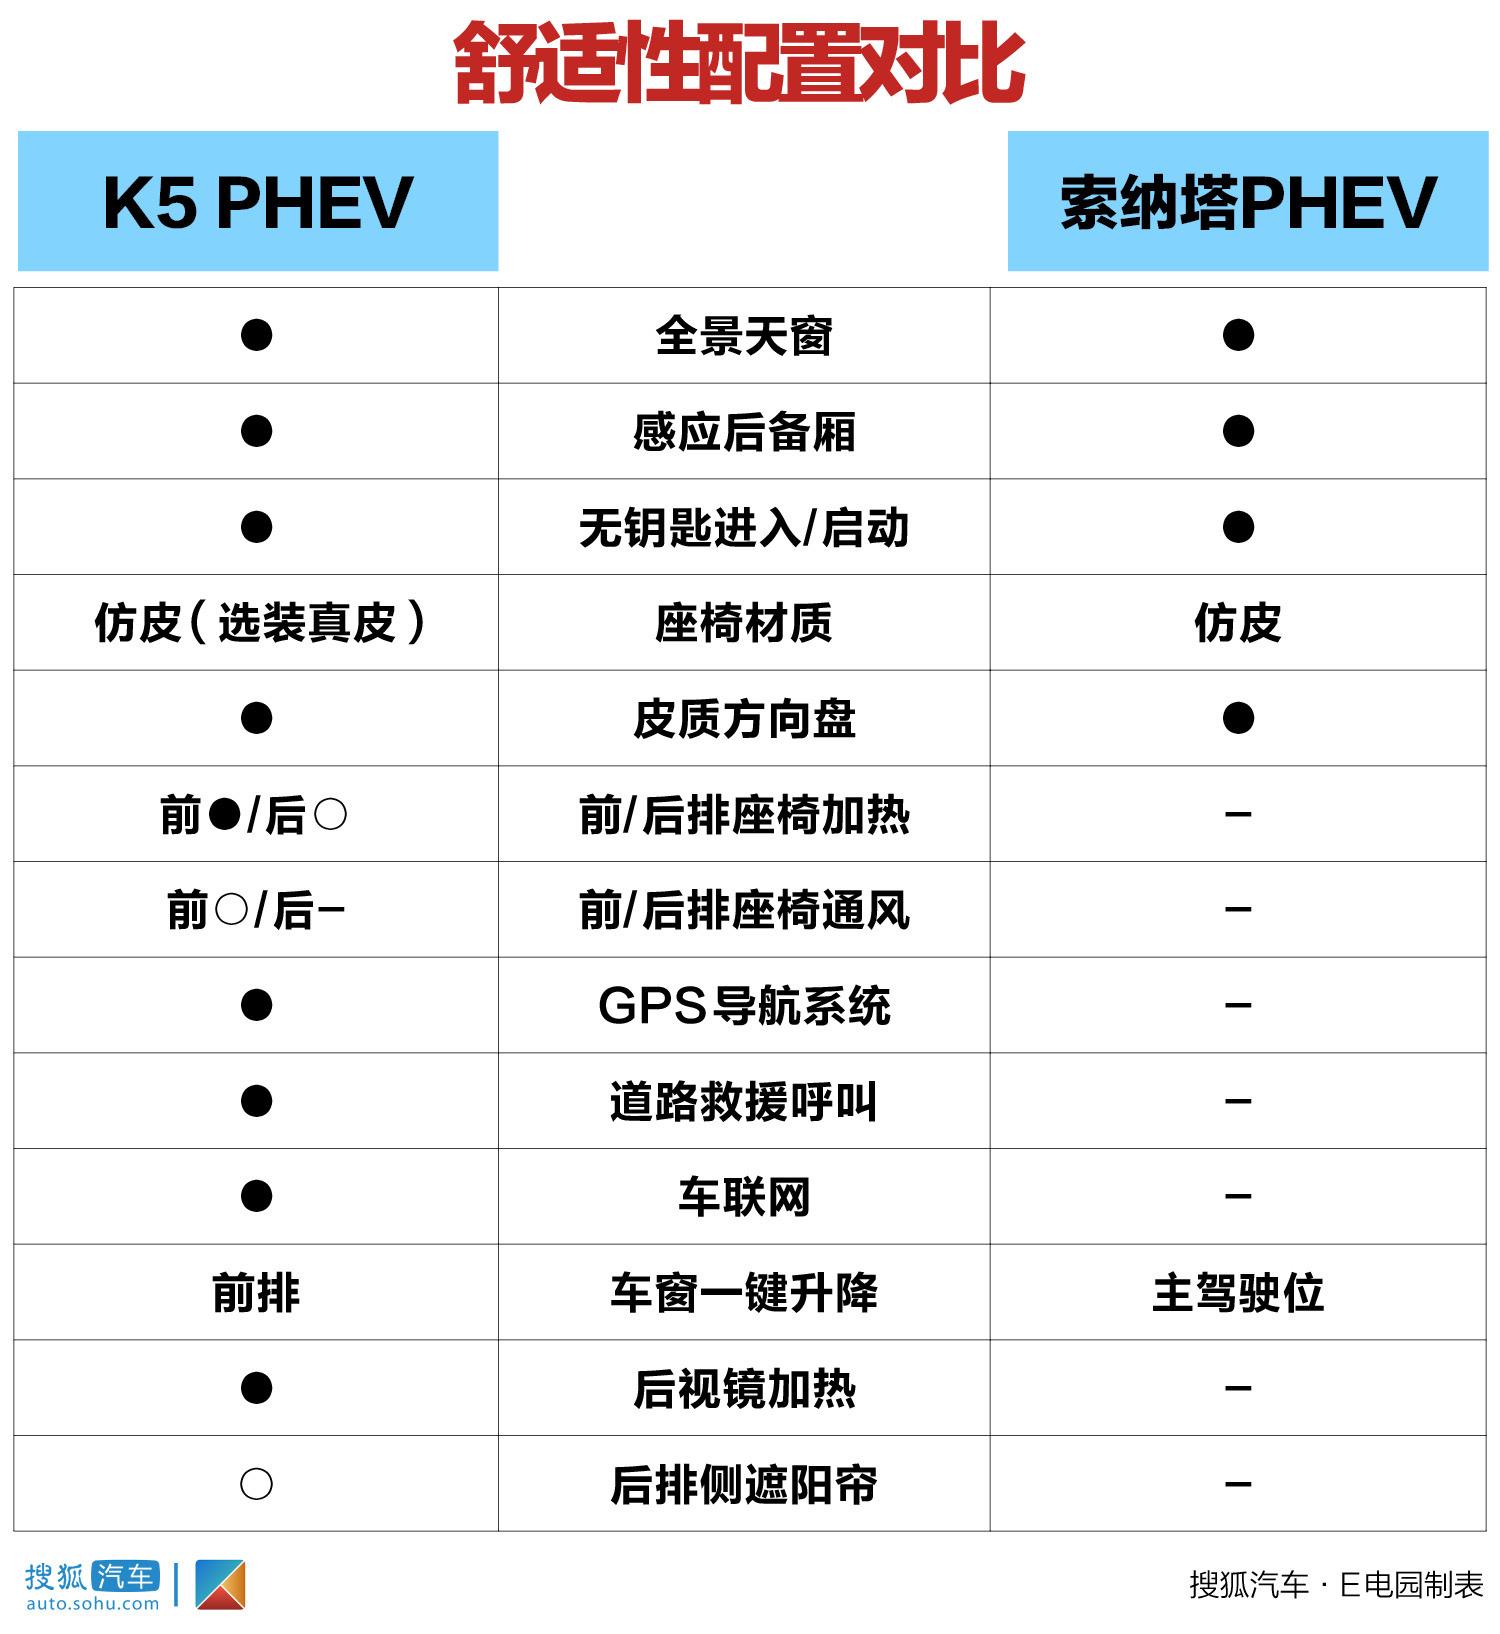 韩系新能源车内战谁是赢家? 起亚K5 PHEV对比现代索纳塔PHEV